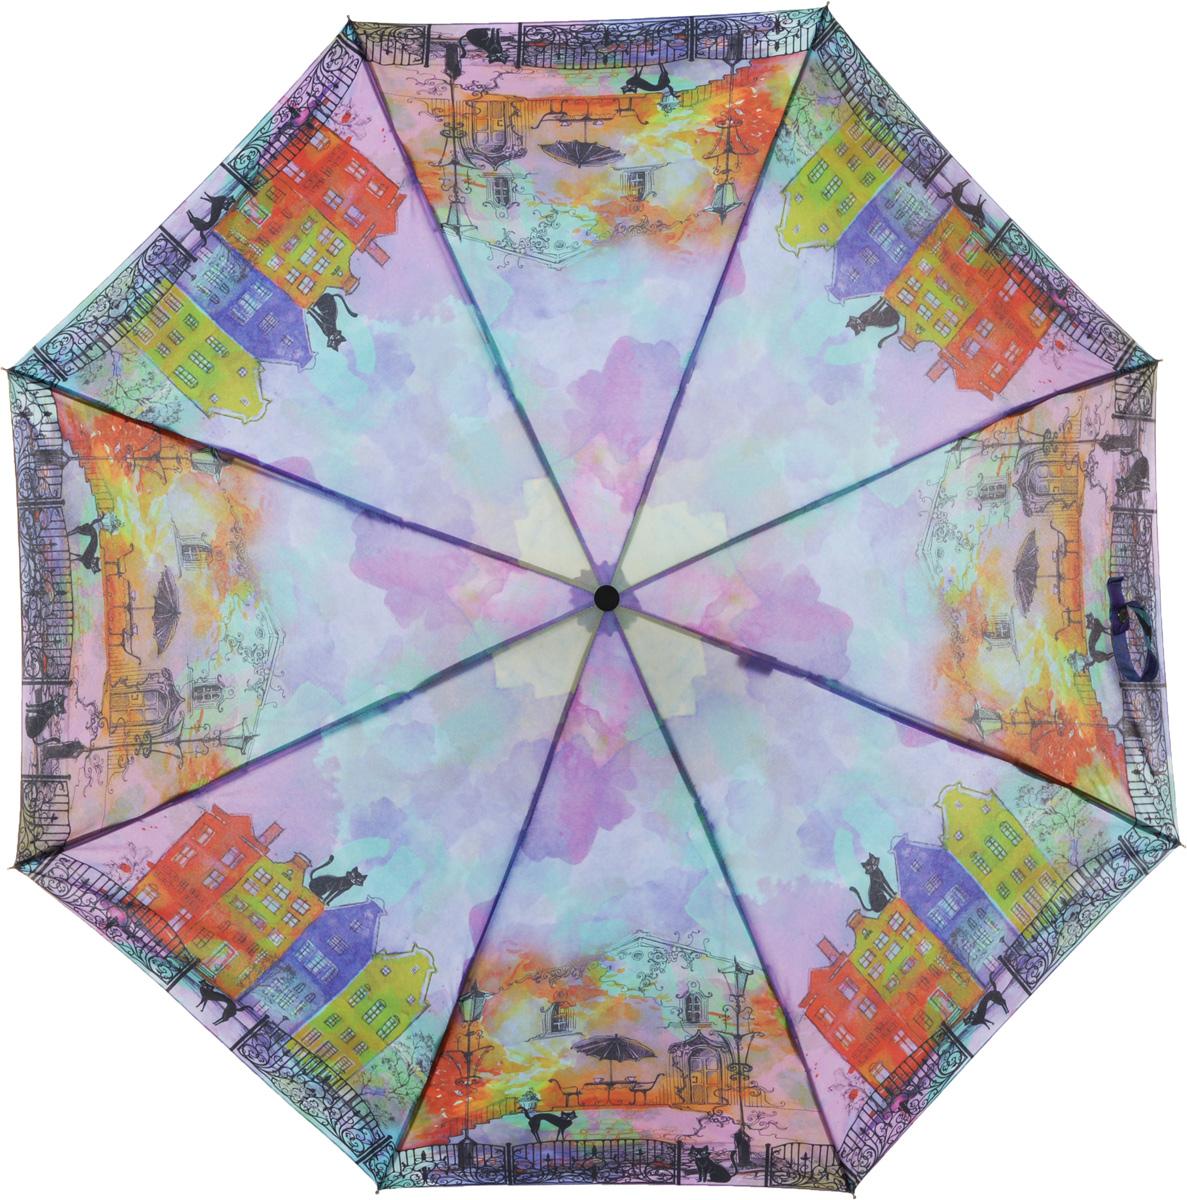 Зонт женский Eleganzza, автомат, 3 сложения, цвет: фиолетовый. A3-05-0305LSA3-05-0305LSЖенский зонт-автомат торговой марки ELEGANZZA с каркасом Smart, который позволяет без особых усилий складывать зонт, не позволяя стержню вылетать обратно. Купол: 100% полиэстер, эпонж. Материал каркаса: сталь + алюминий + фибергласс. Материал ручки: пластик. Длина изделия - 30 см. Диаметр купола - 105 см. Система Smart, не позволяет стержню при сложении вылететь обратно, это облегчает сложение зонта! При сложении есть характерный звук-треск, как трещетка. Примечание: зонт не откроется с кнопки если его не закрыть до щелчка!